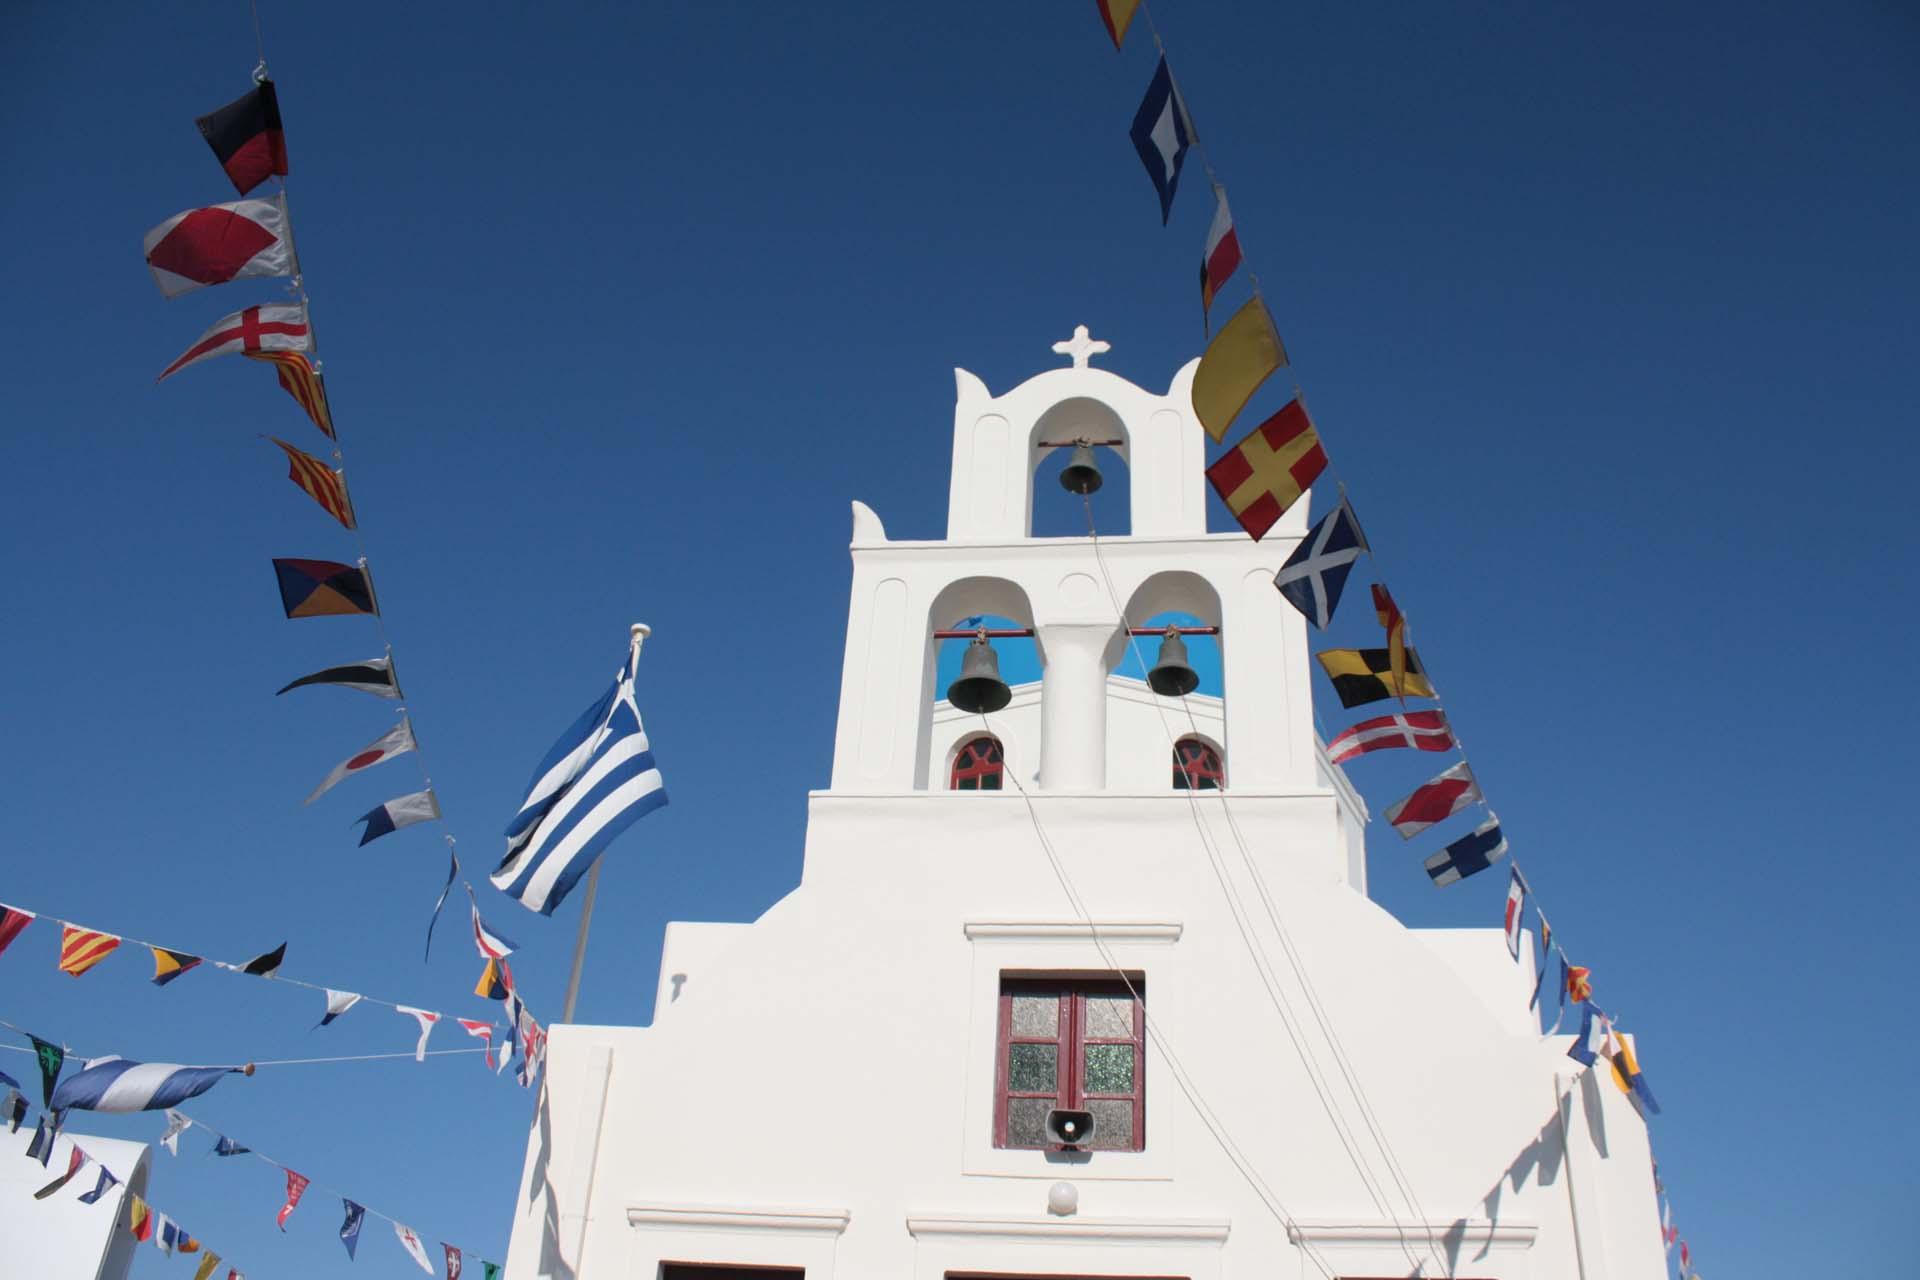 Eglise à Santorin avec drapeaux colorés cloches